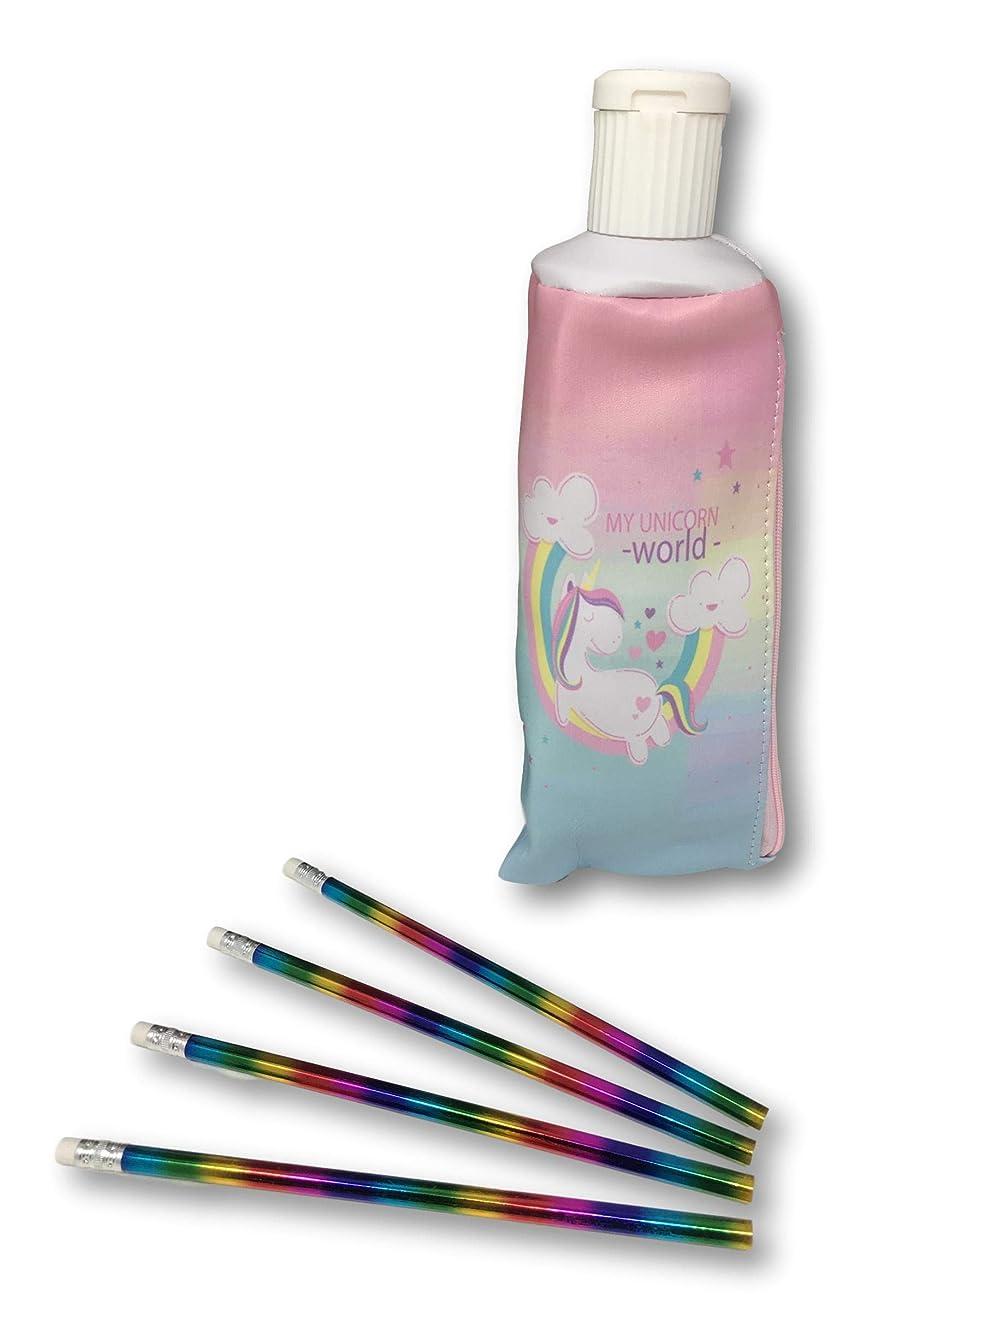 Unicorn Pencil Case - Built in Pencil Sharpener Tip Plus Unicorn Pencils Set (